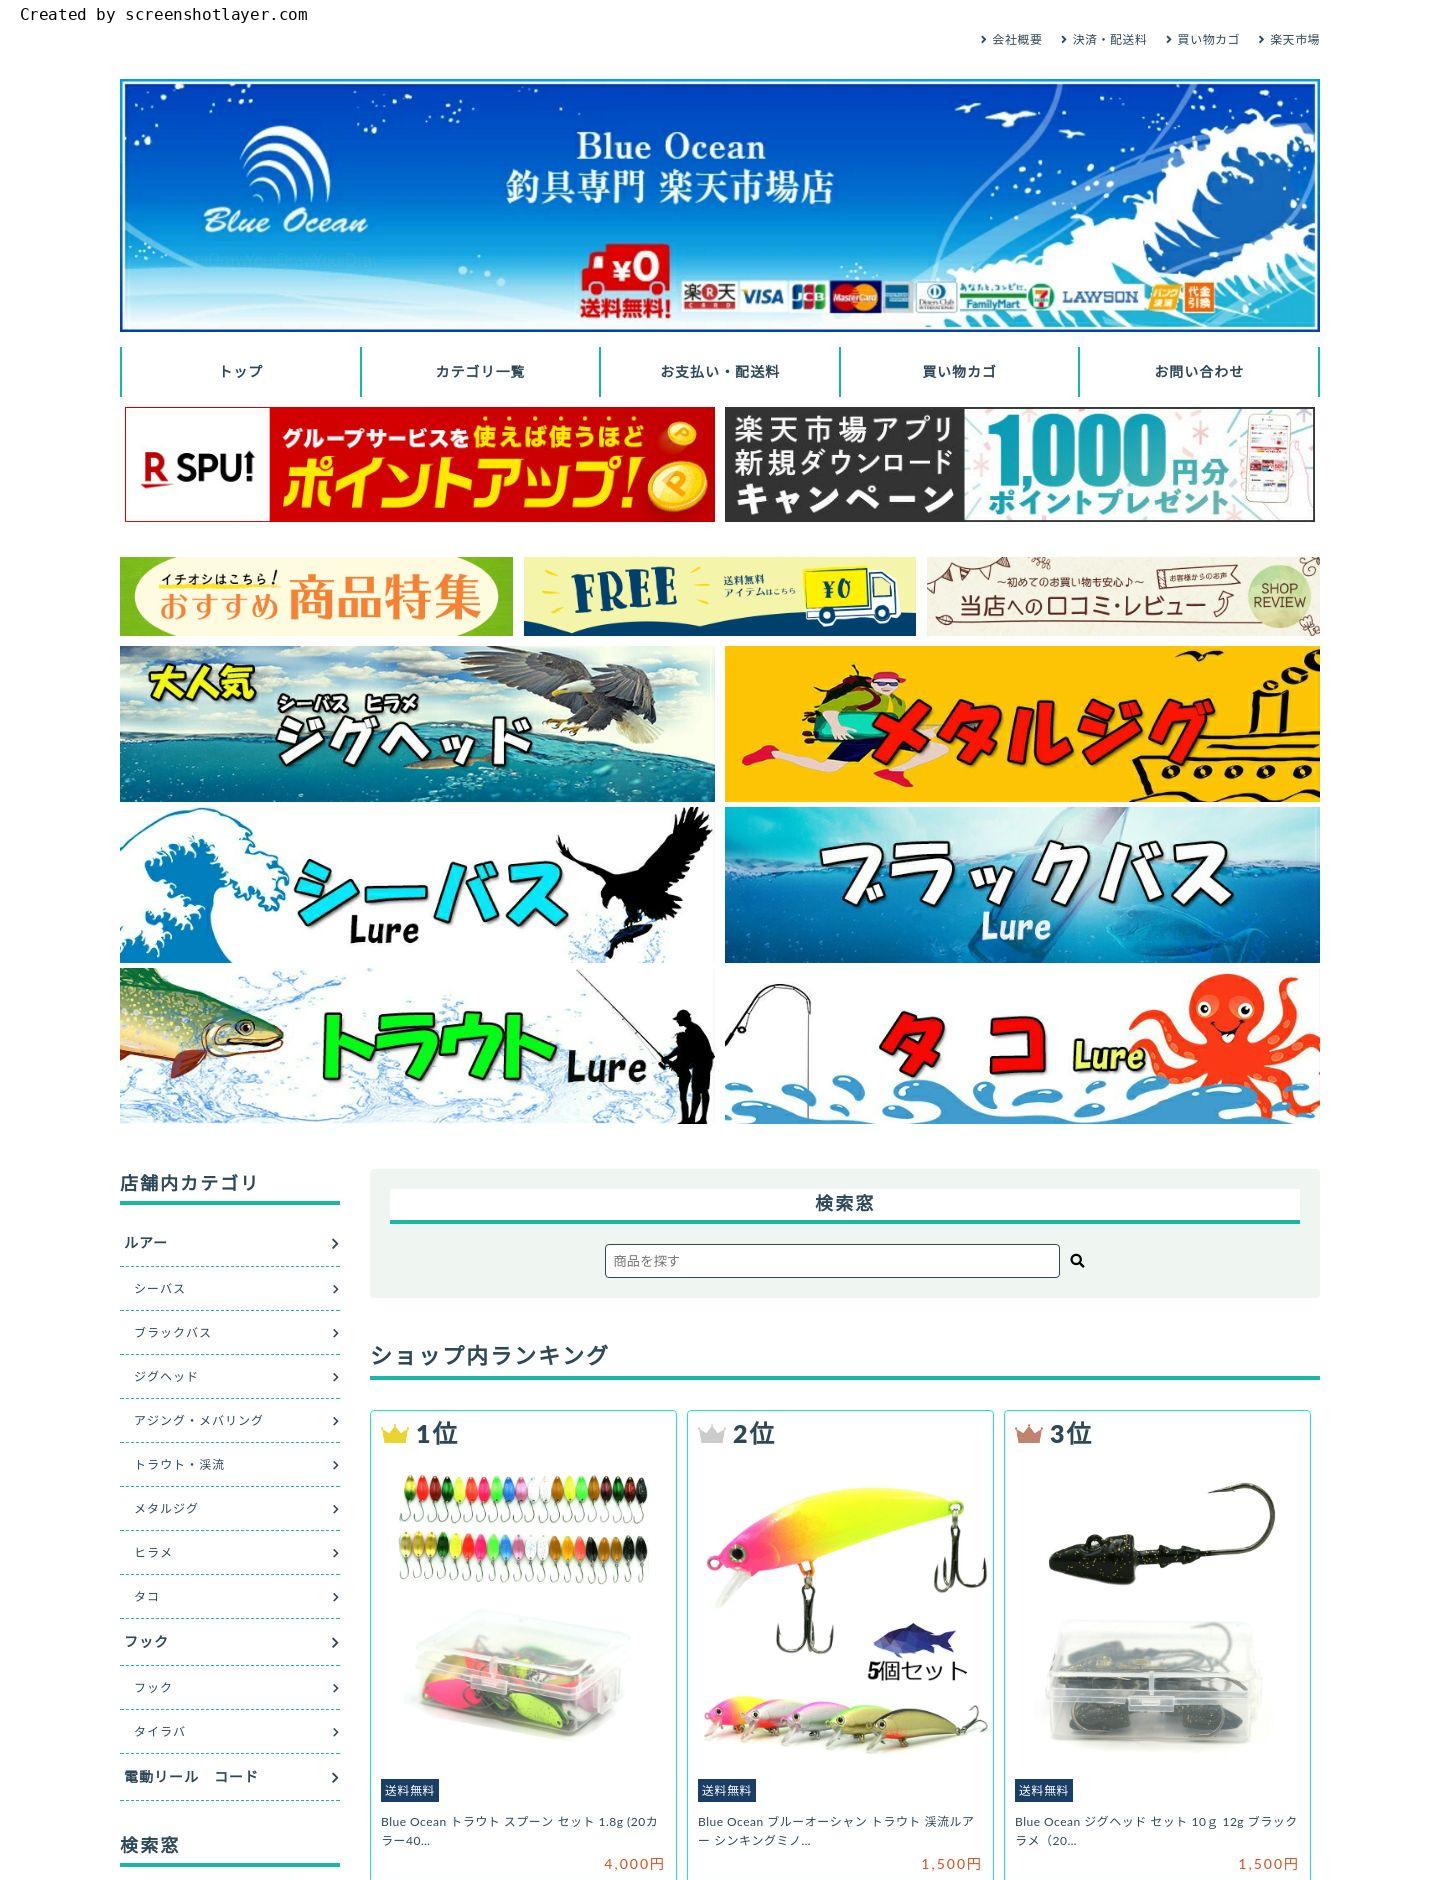 Blue Ocean 釣具専門 楽天市場店様 サイト画像